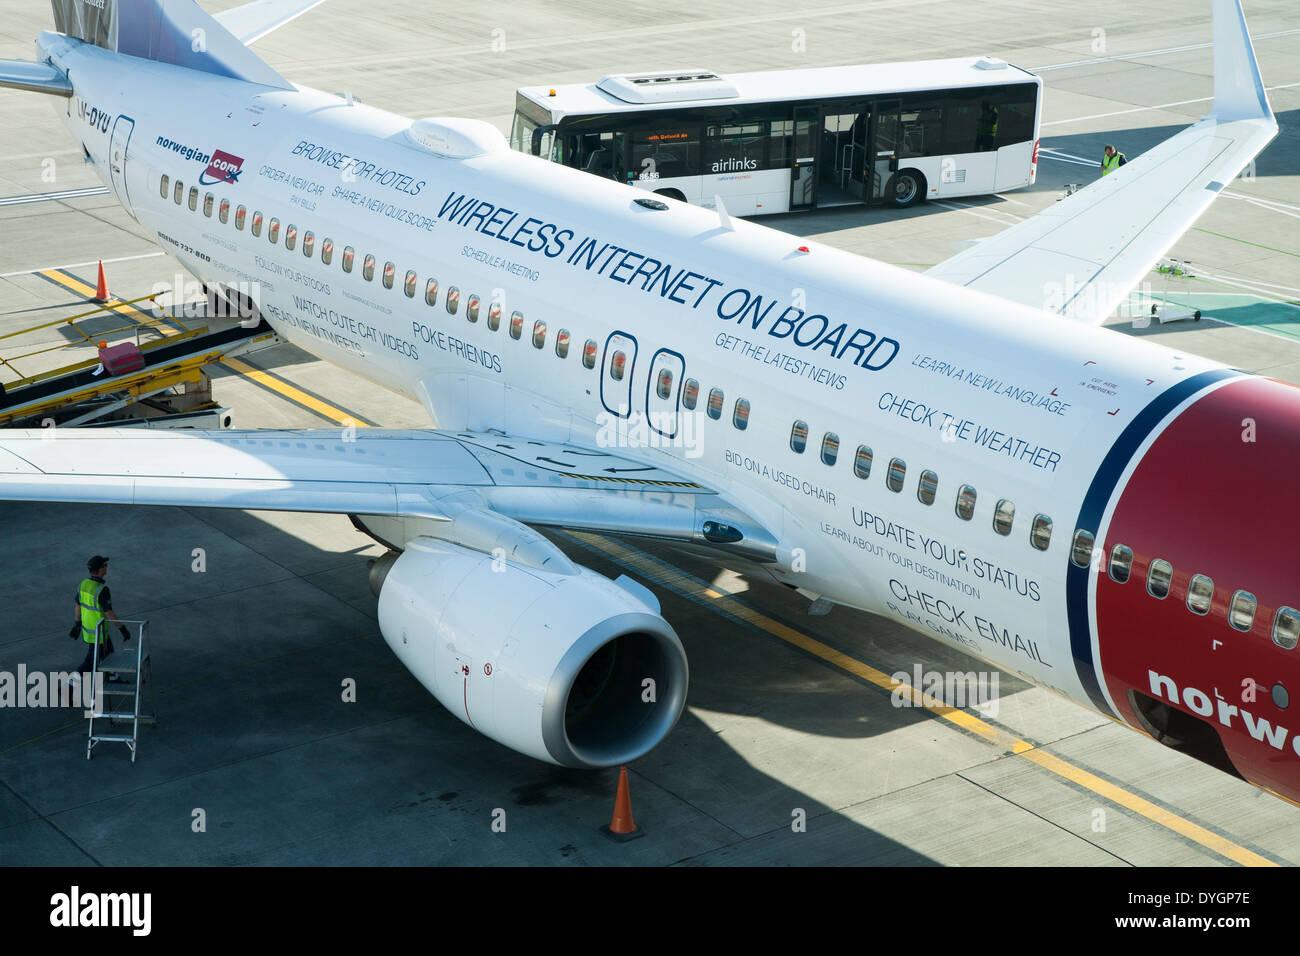 Norwegian.com avion / avion peint pour promouvoir / publicité Free mobile internet WIFI pour les passagers de l'avion Photo Stock